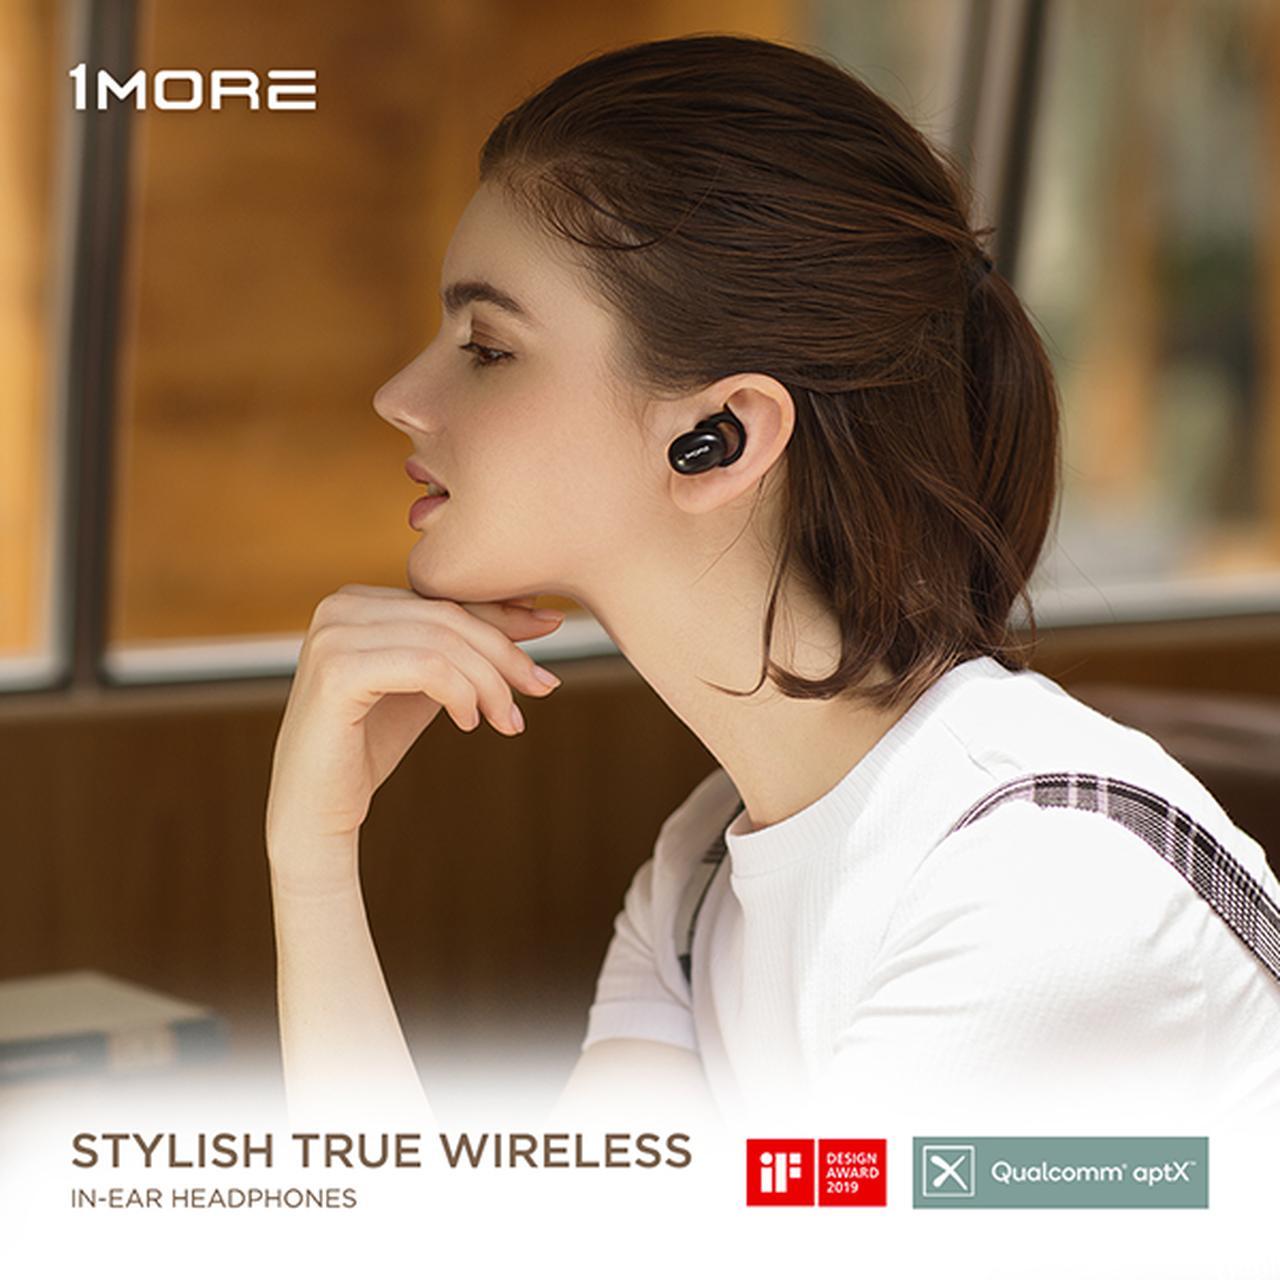 画像: 1MORE Stylish True Wireless In-Ear Headphone【E1026BT-I】の取扱い販売開始をいたします。 | 株式会社フリーウェイ